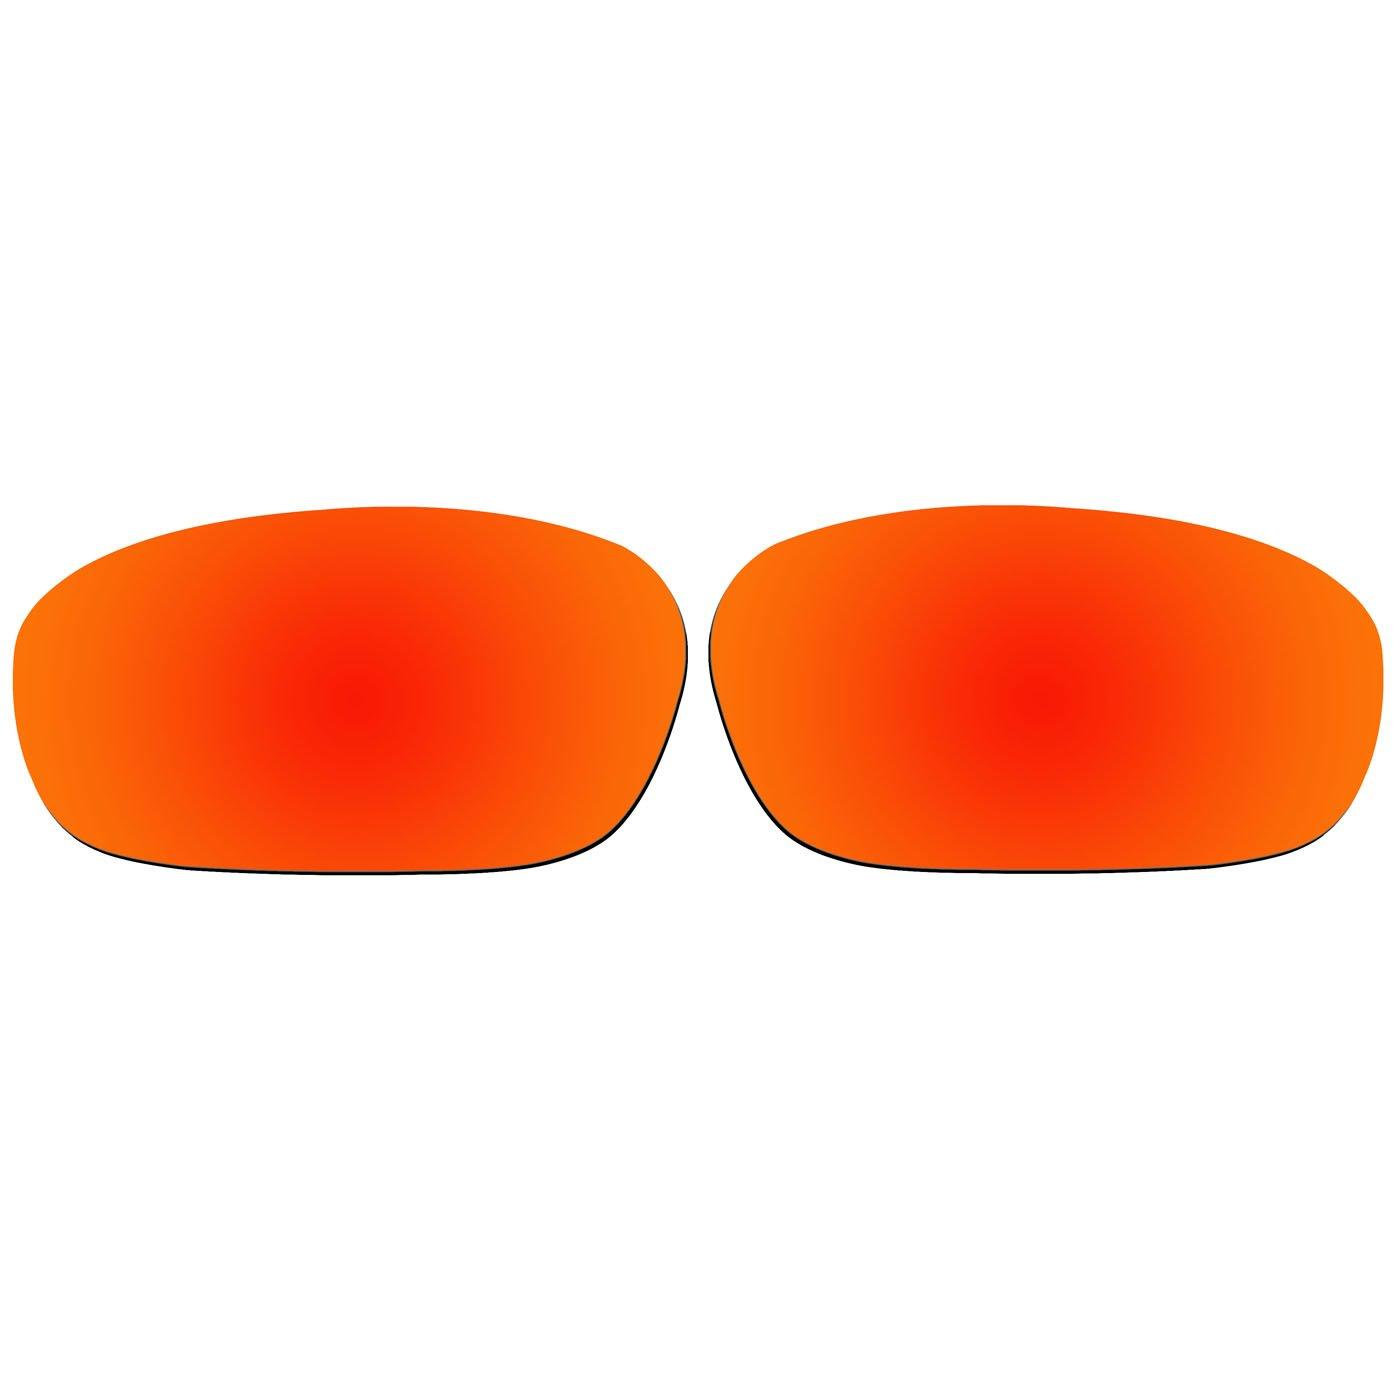 ACOMPATIBLE - Lentes de repuesto para gafas de sol Oakley Jawbone